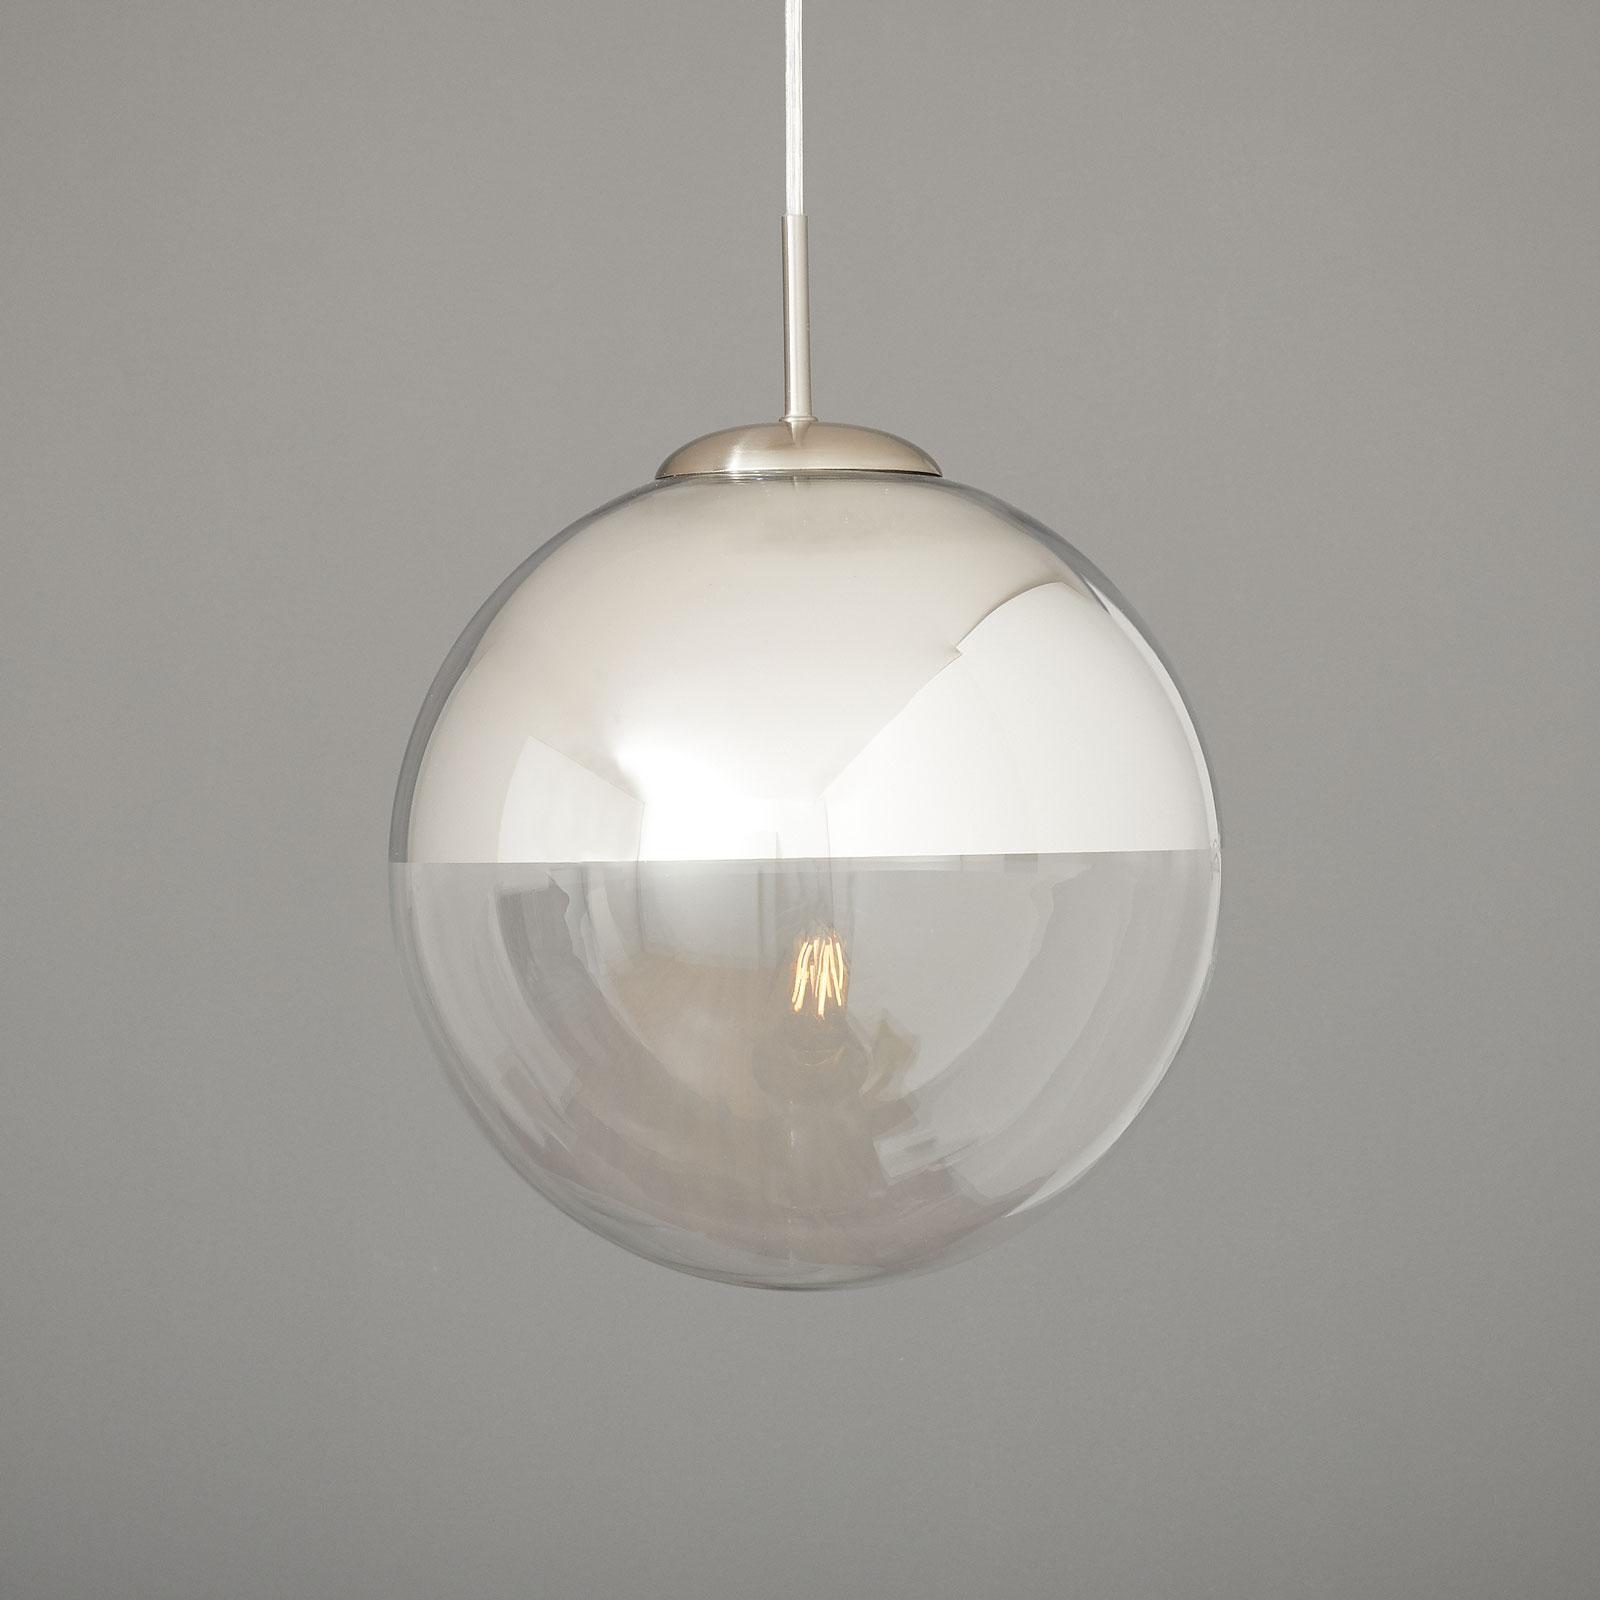 Pendellampe Ravena med glaskugle, 1 lyskilde